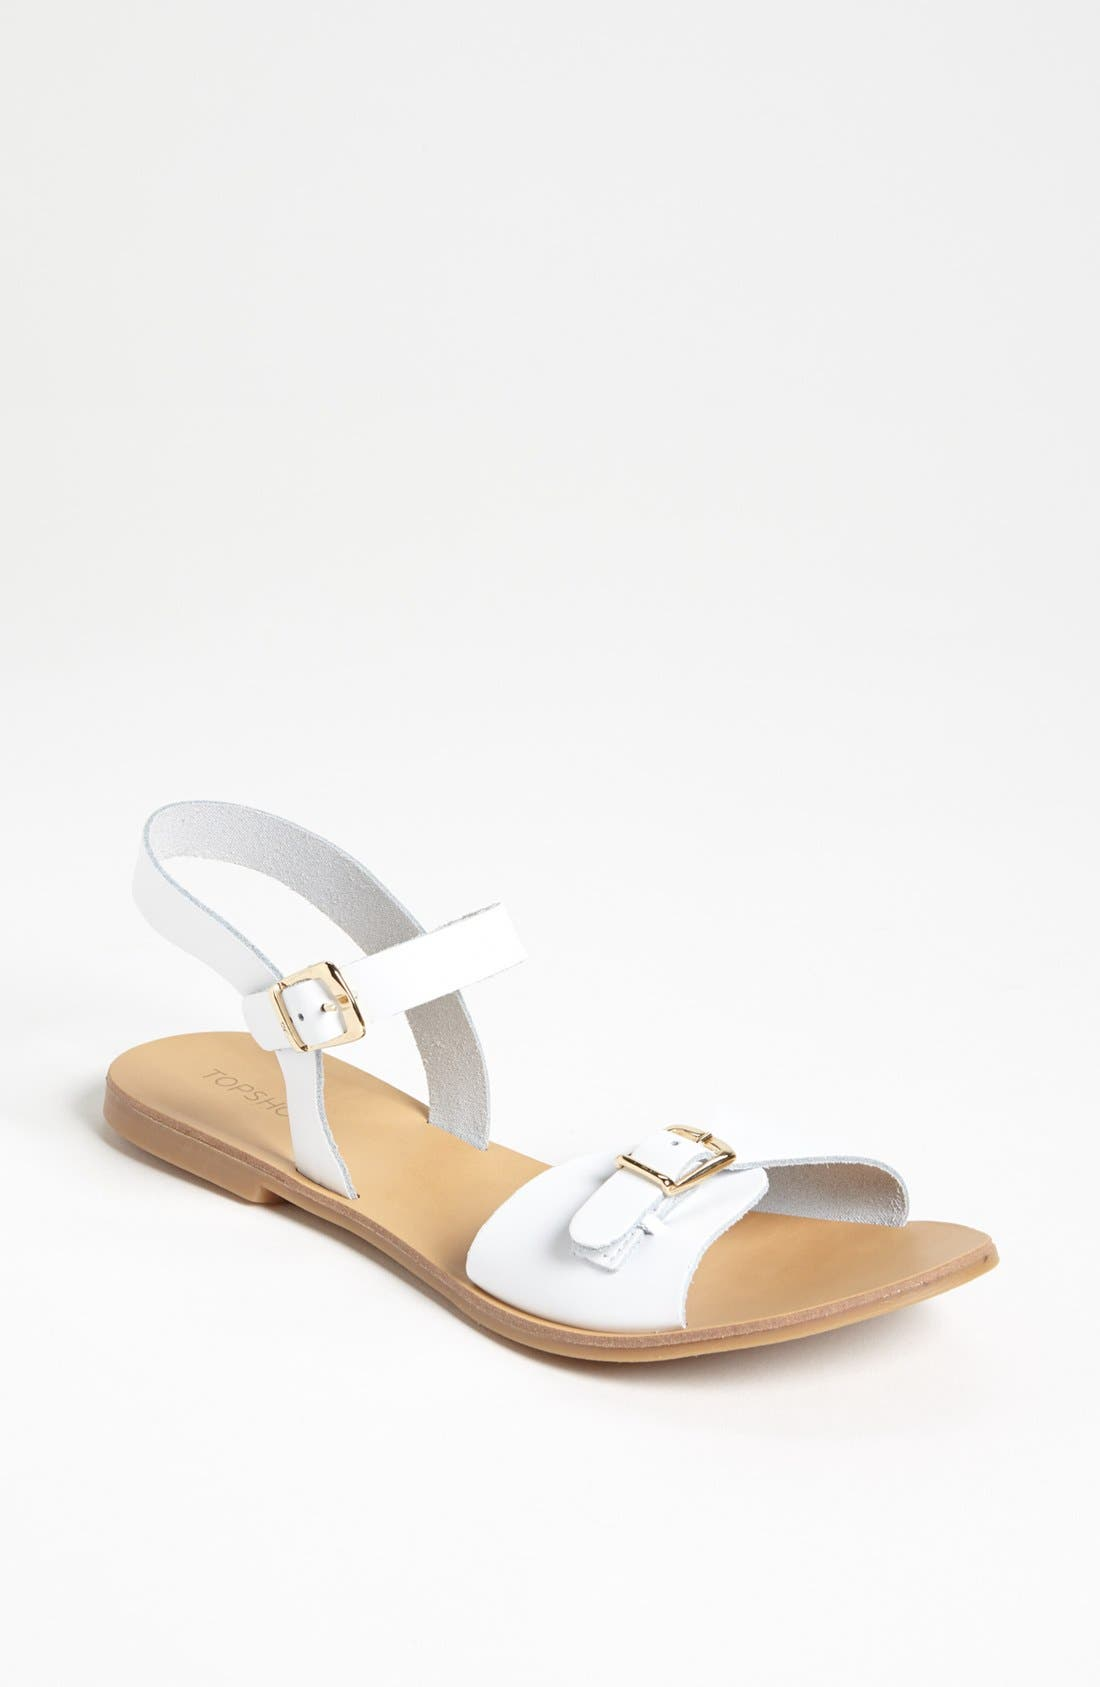 Alternate Image 1 Selected - Topshop 'Helter' Sandal